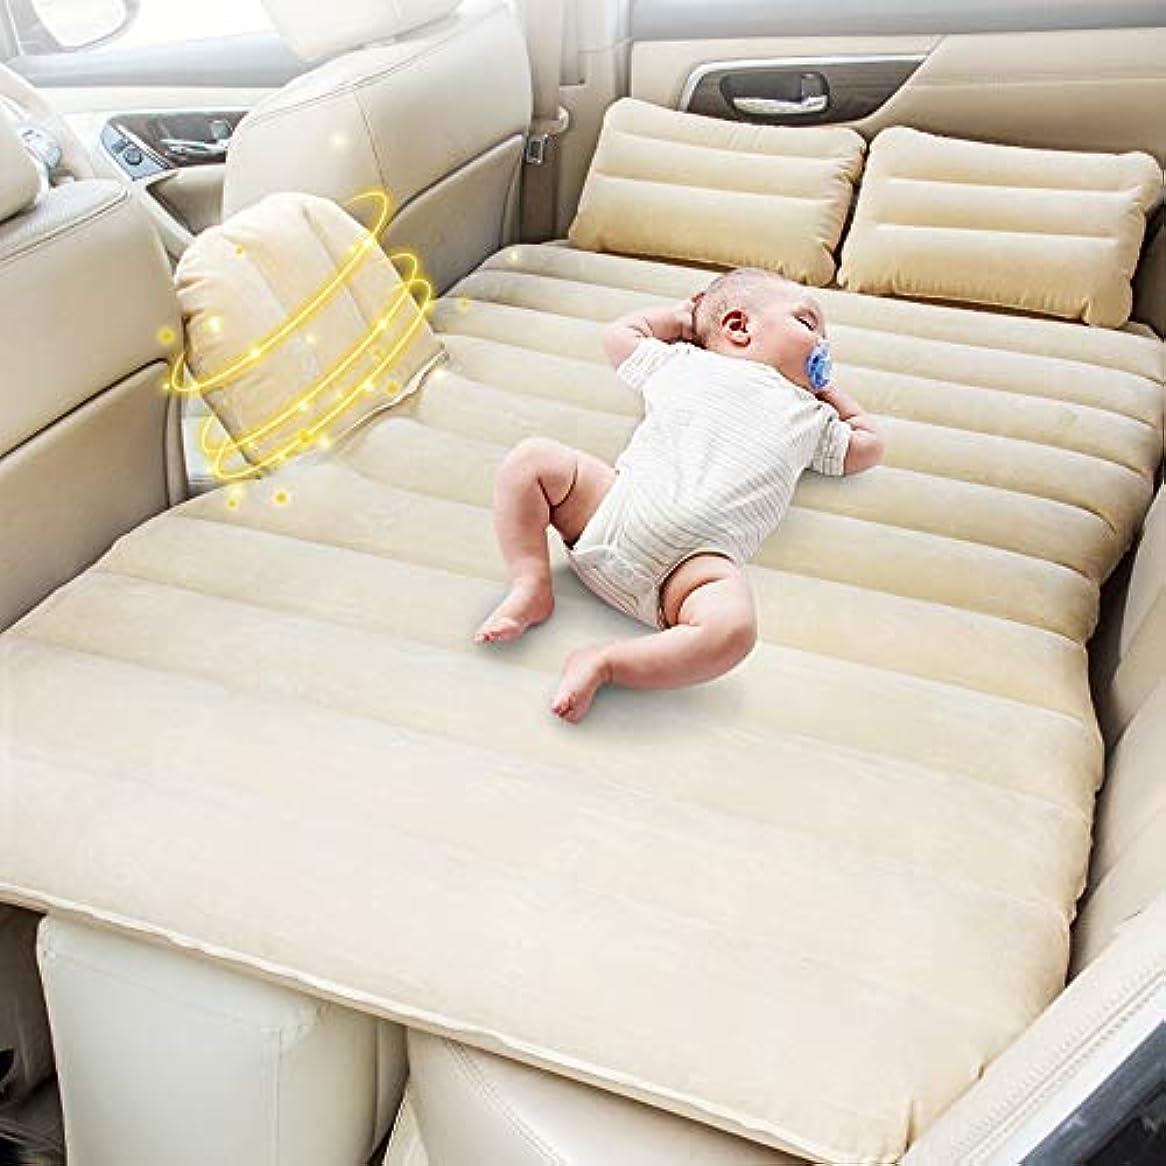 先駆者円形木製車の空気マットレス旅行膨脹可能なマットレスは2つの空気枕の空気ベッドのキャンプの車の後部座席とユニバーサルをキャンプします